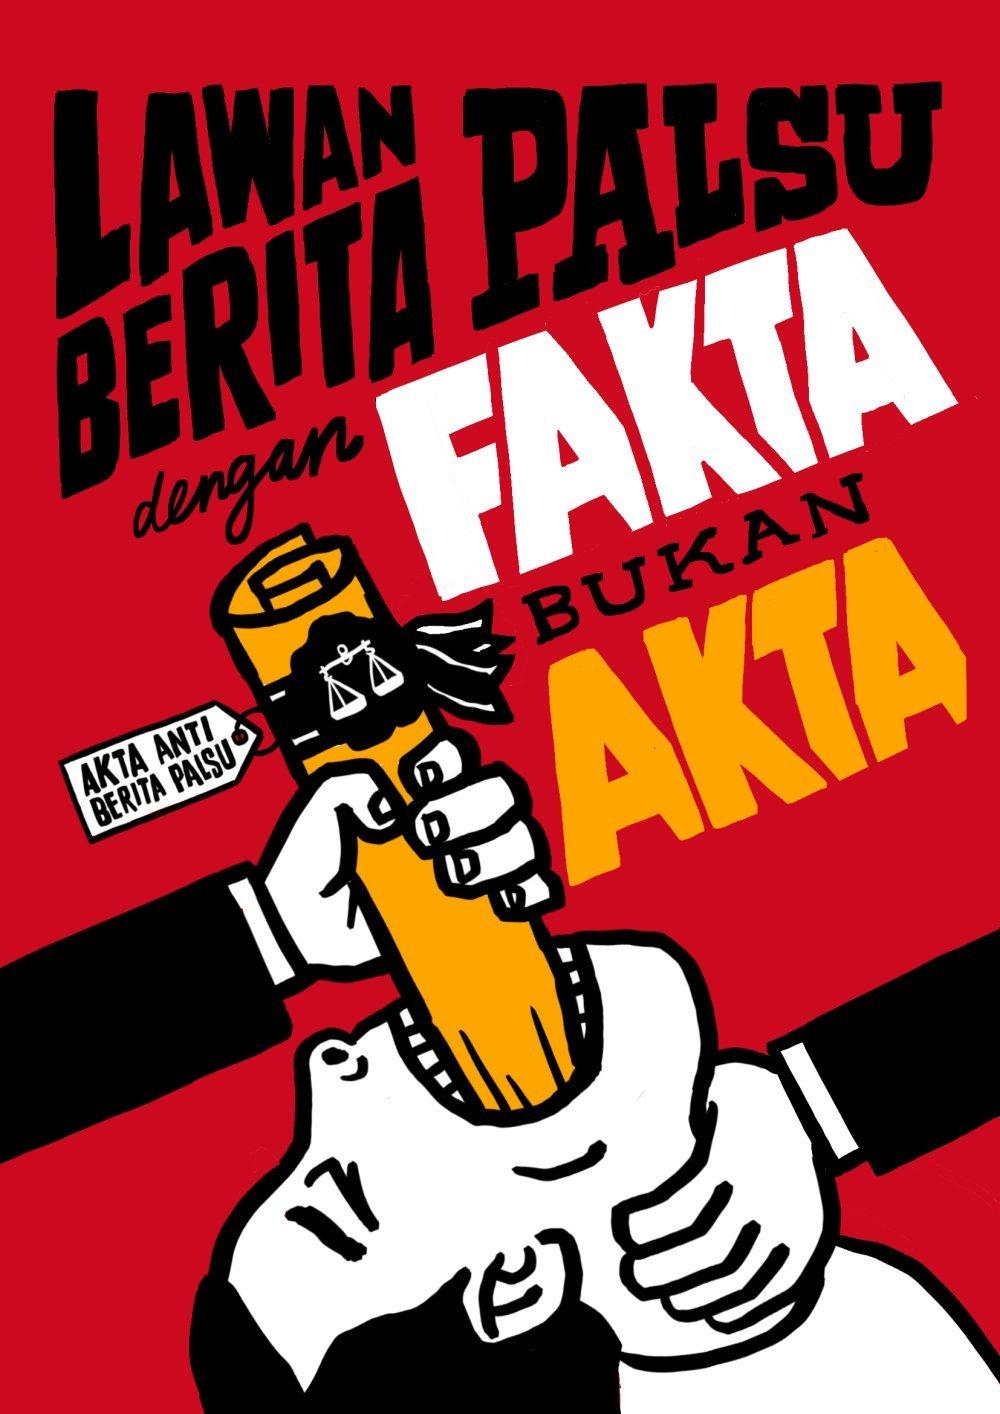 Malaysia: Lawan Berita Palsu Dengan Fakta, Bukan Akta